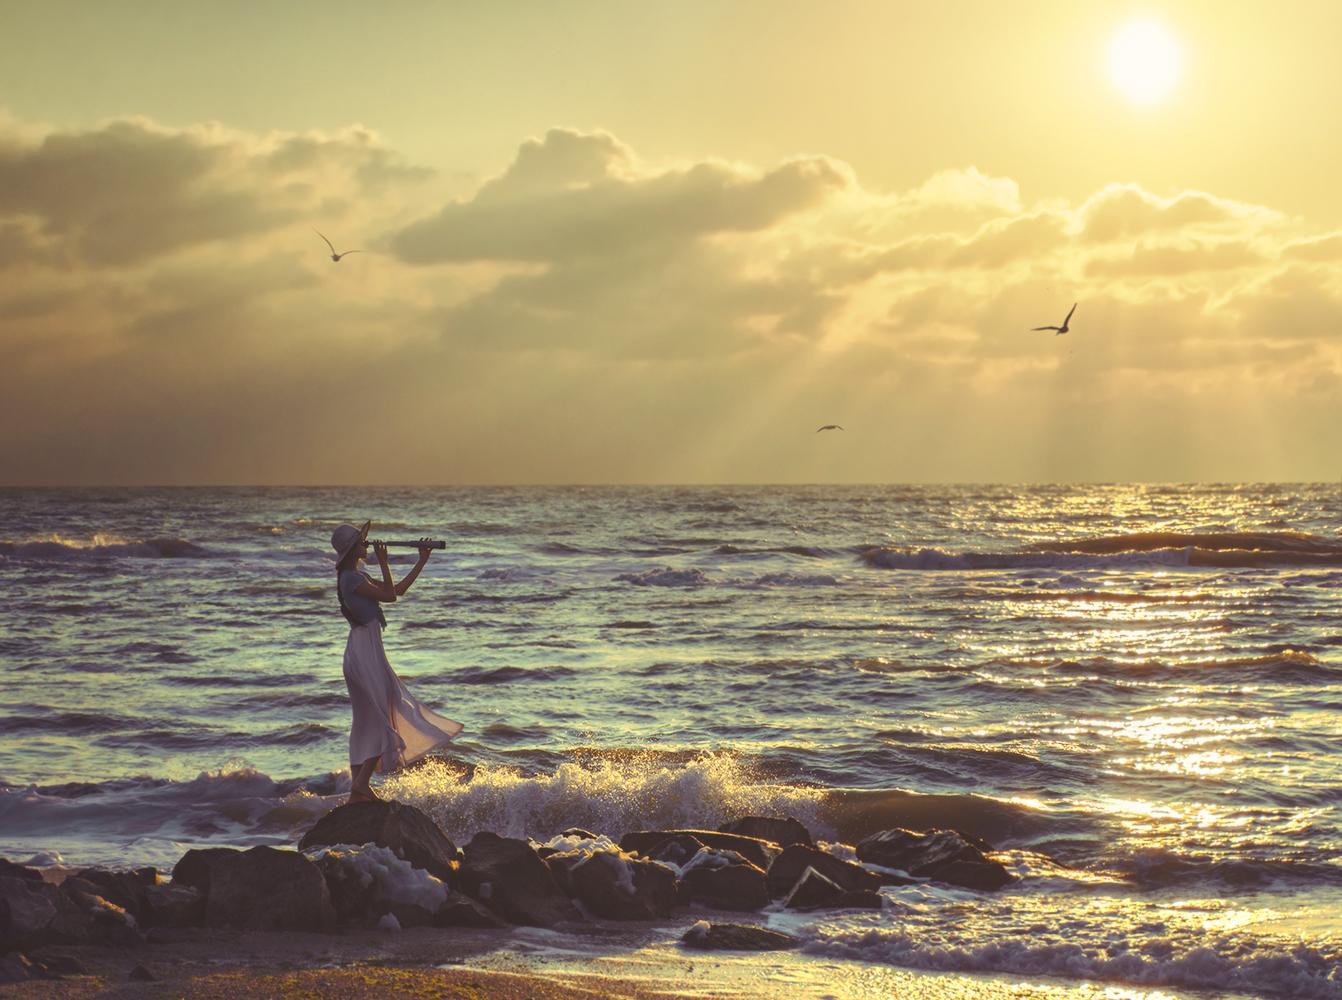 Девушка в шляпе с подзорной трубой в руках стоит у моря. Фотограф Давид Д